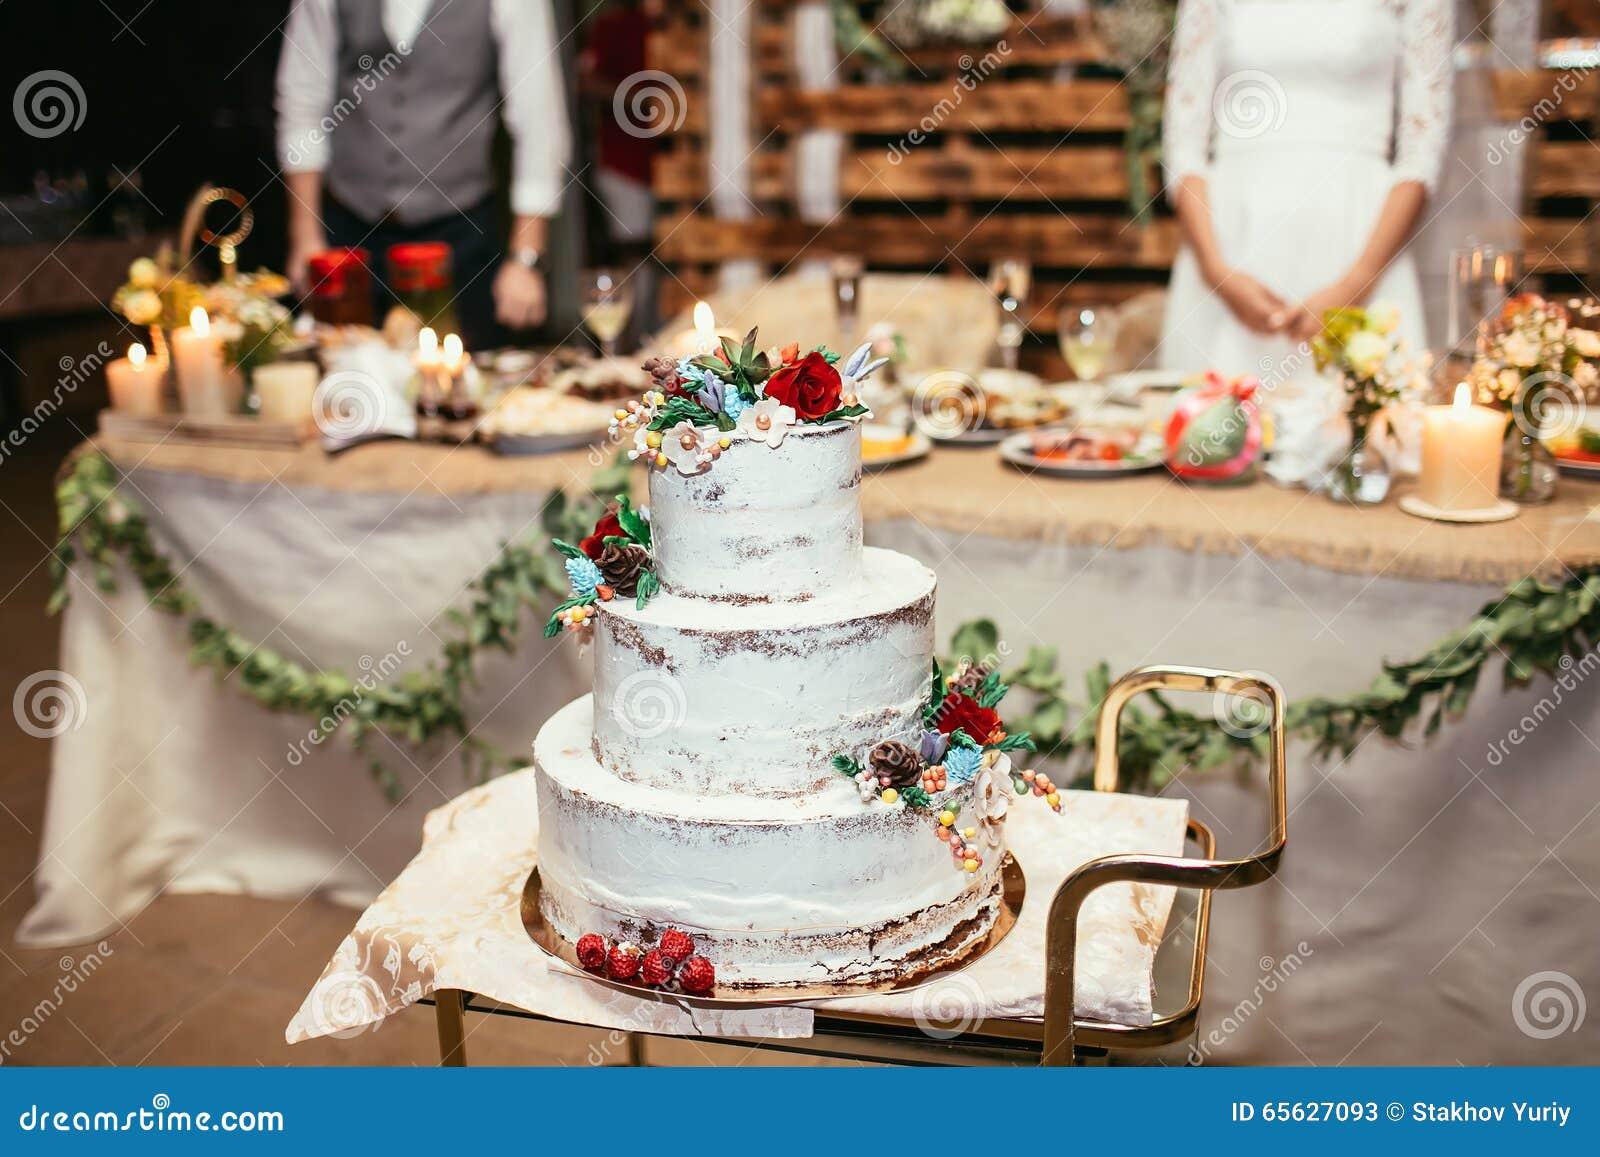 Rustikale Hochzeitstorte Auf Hochzeitsbankett Mit Rotrose Und